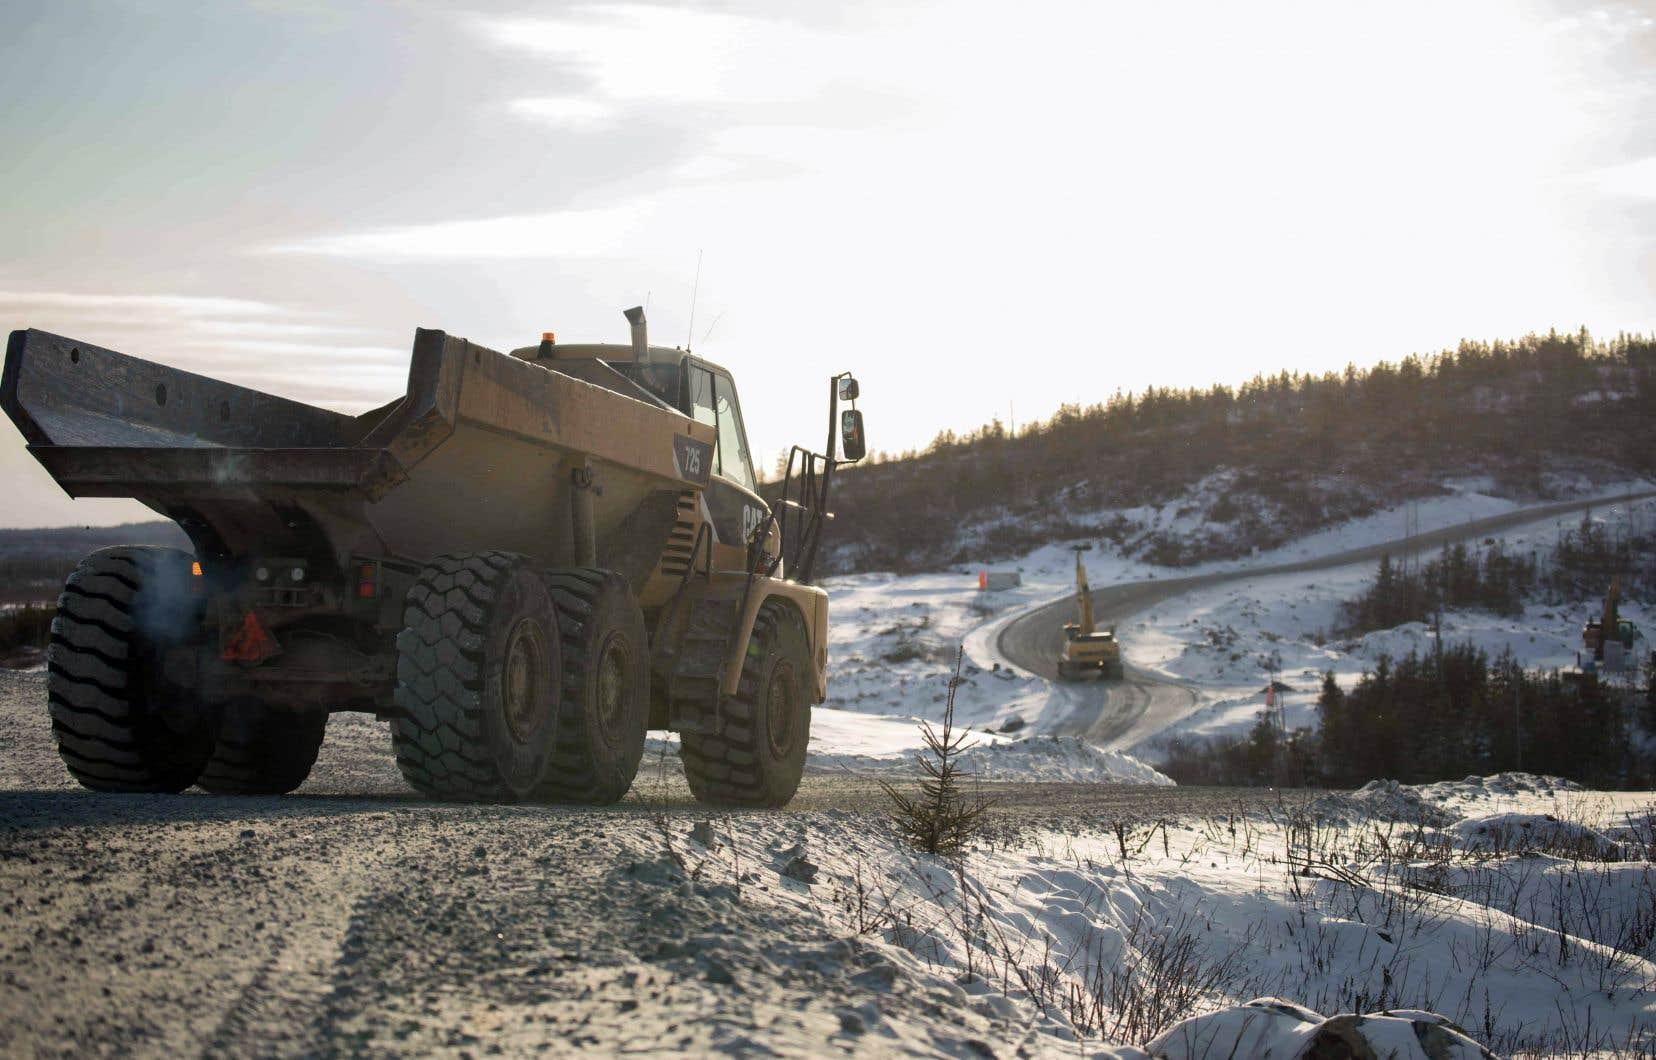 La mine devrait entrer en service dans quinze mois, tandis que l'usine devrait être opérationnelle dans environ deux ans.